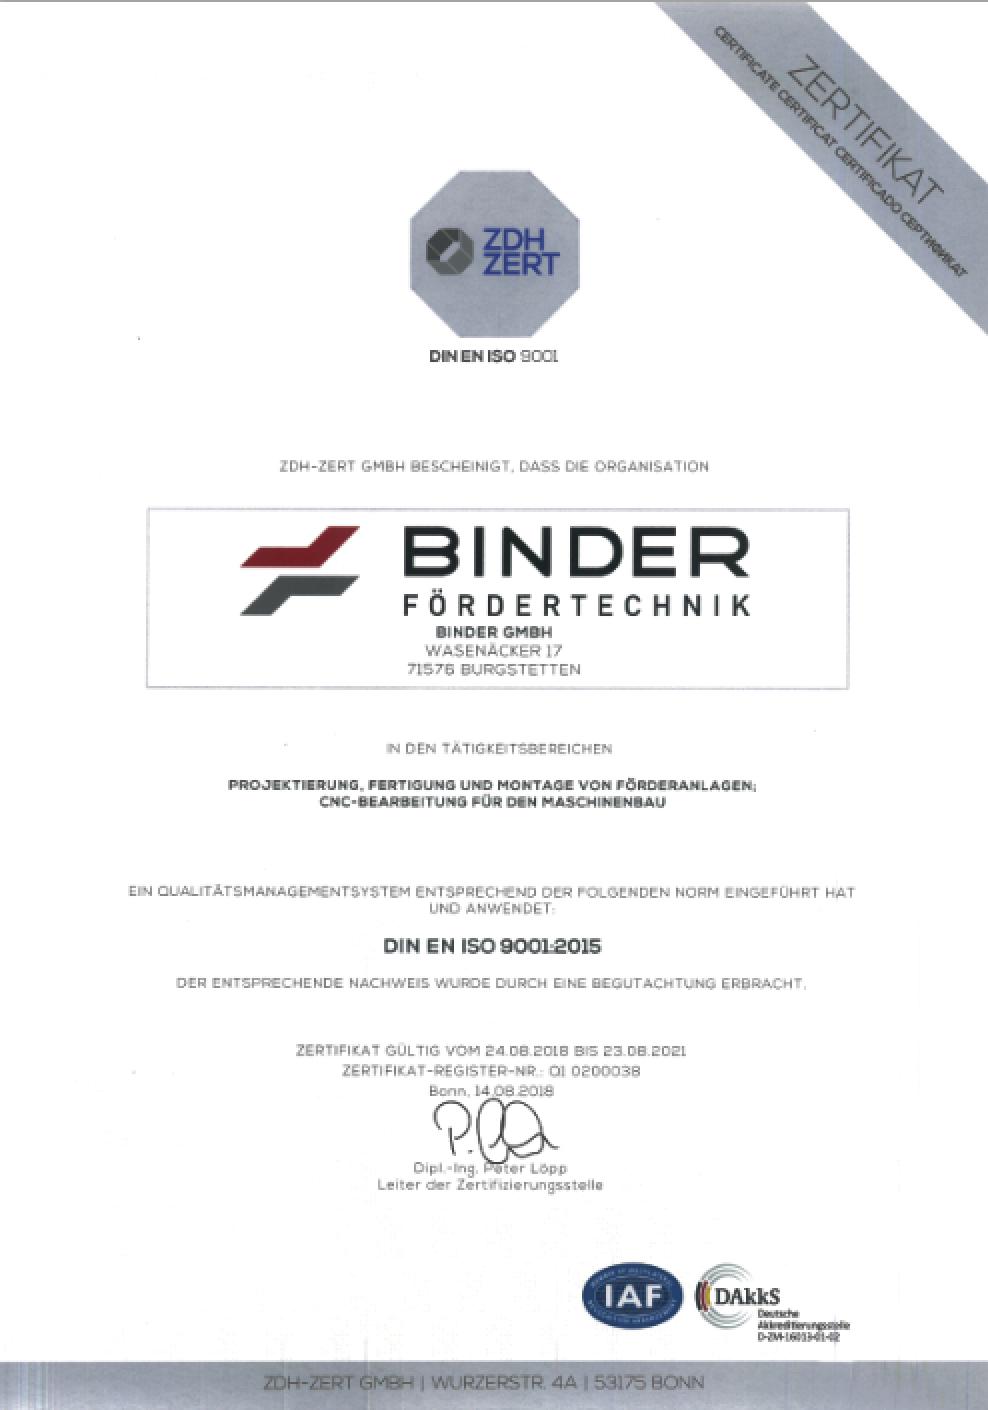 BINDER – Zertifizierung nach DIN ISO 9001:2015